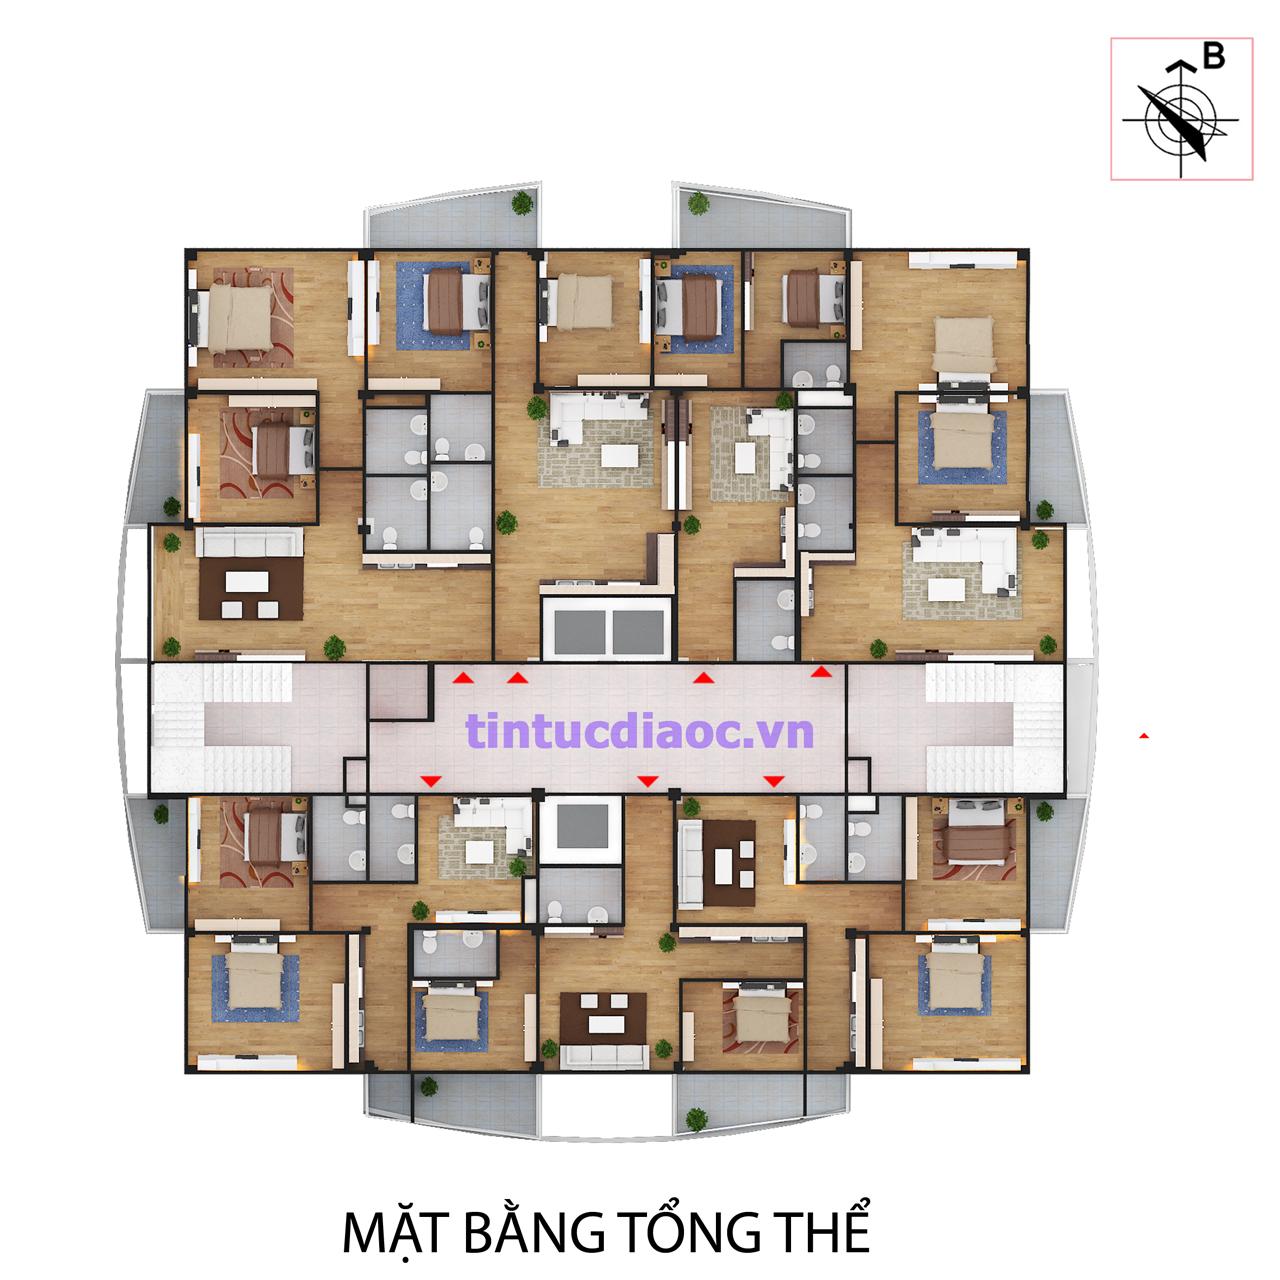 Căn hộ X1 Chung cư Sài Đồng City Long Biên